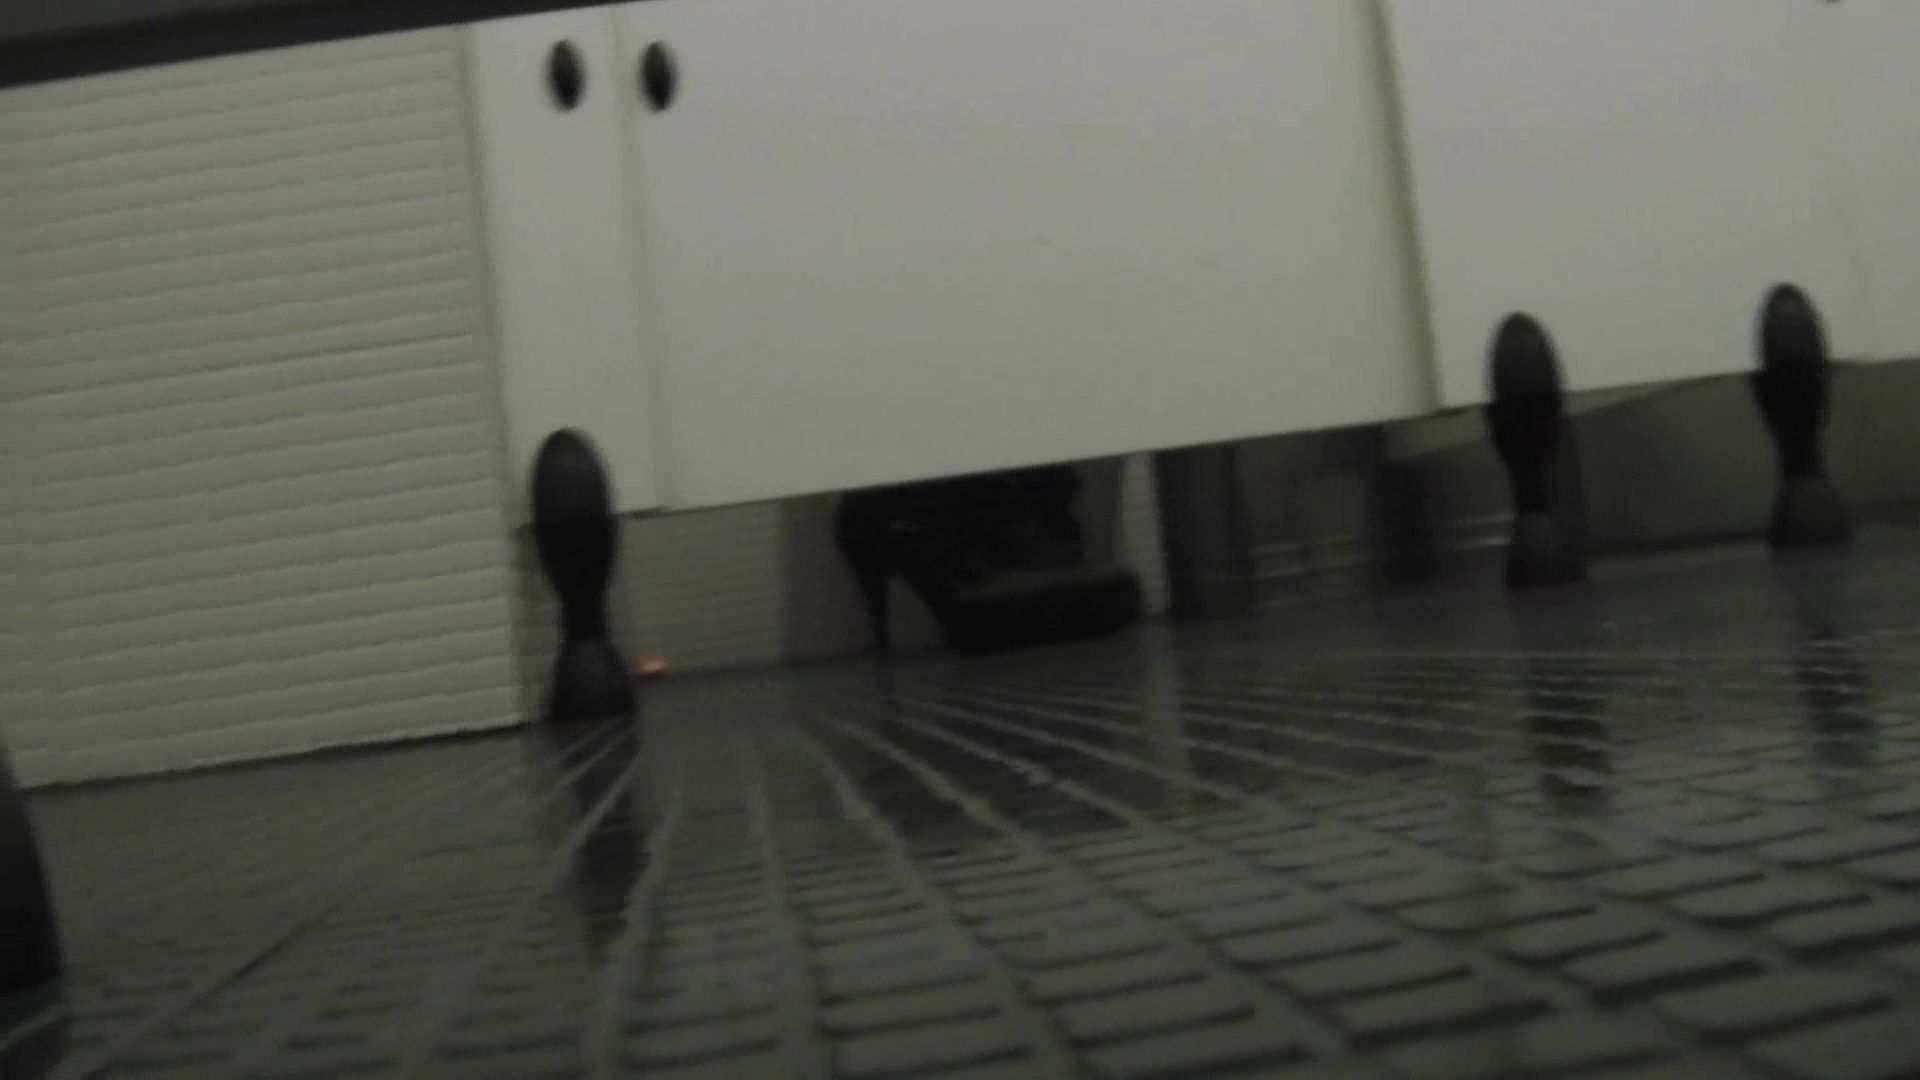 【日本成人用品展览会。超模如云】vol.01 着替 空爆 OLの実態   潜入  100pic 52